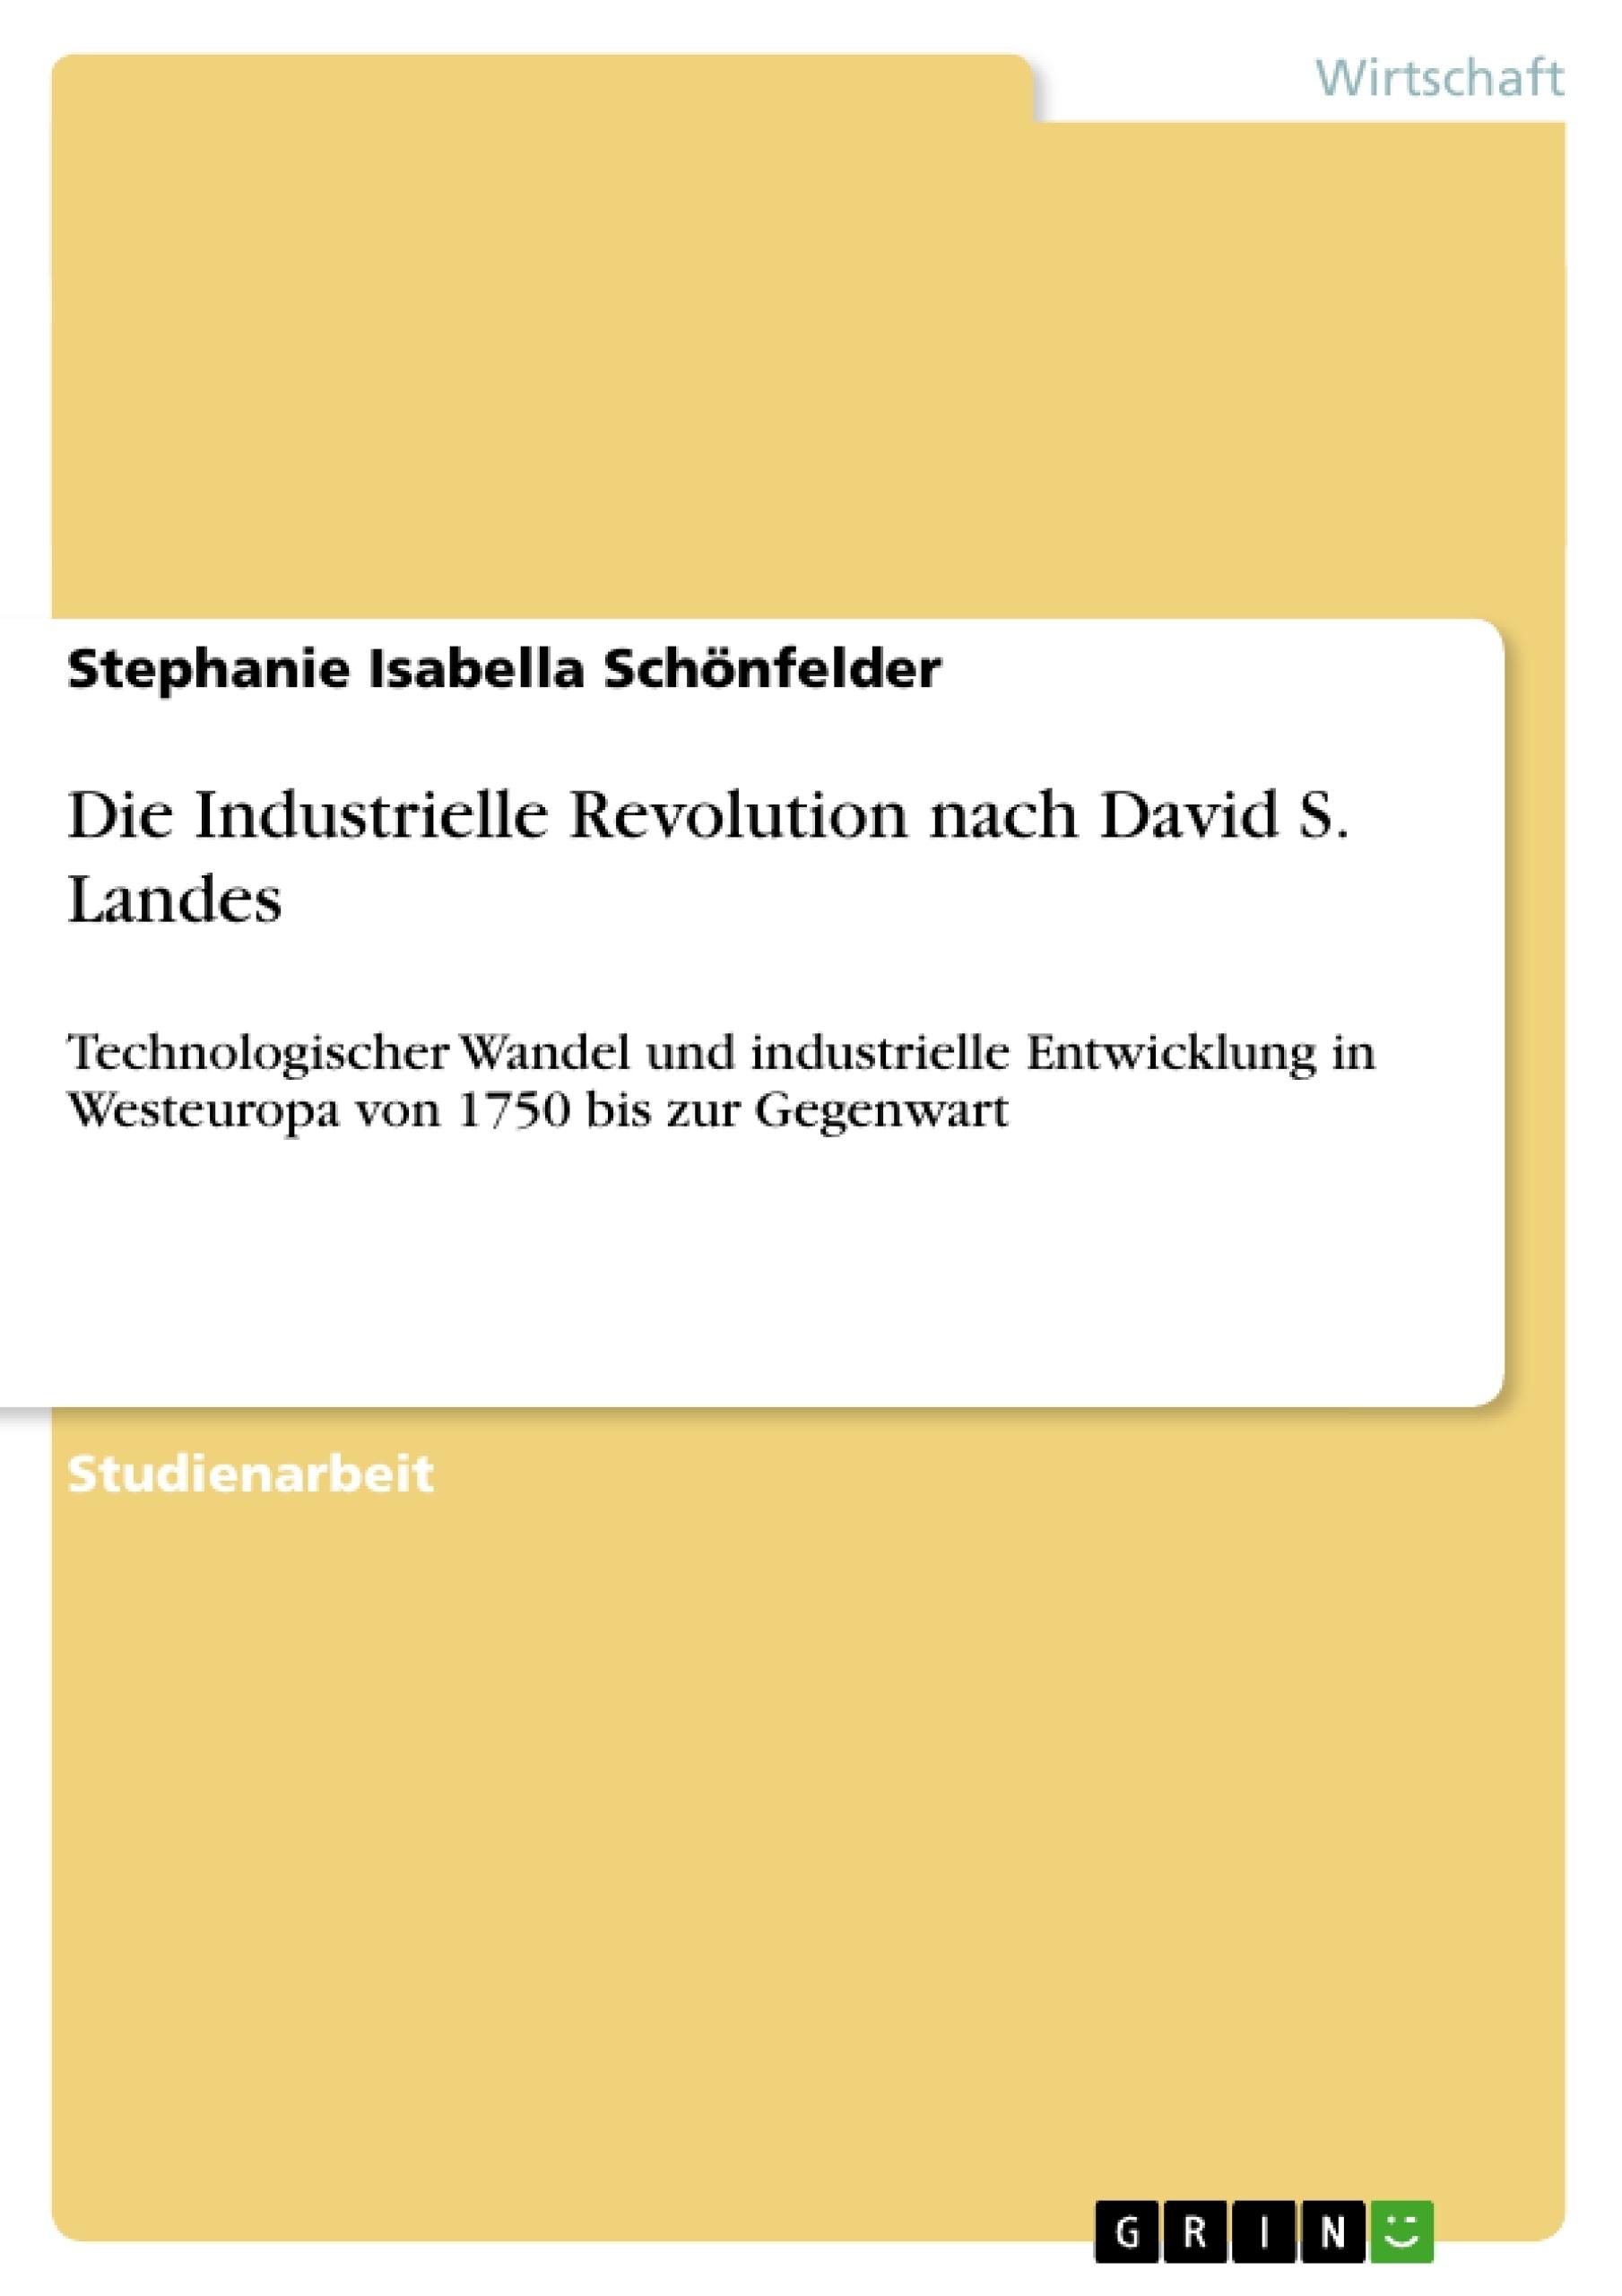 Titel: Die Industrielle Revolution nach David S. Landes